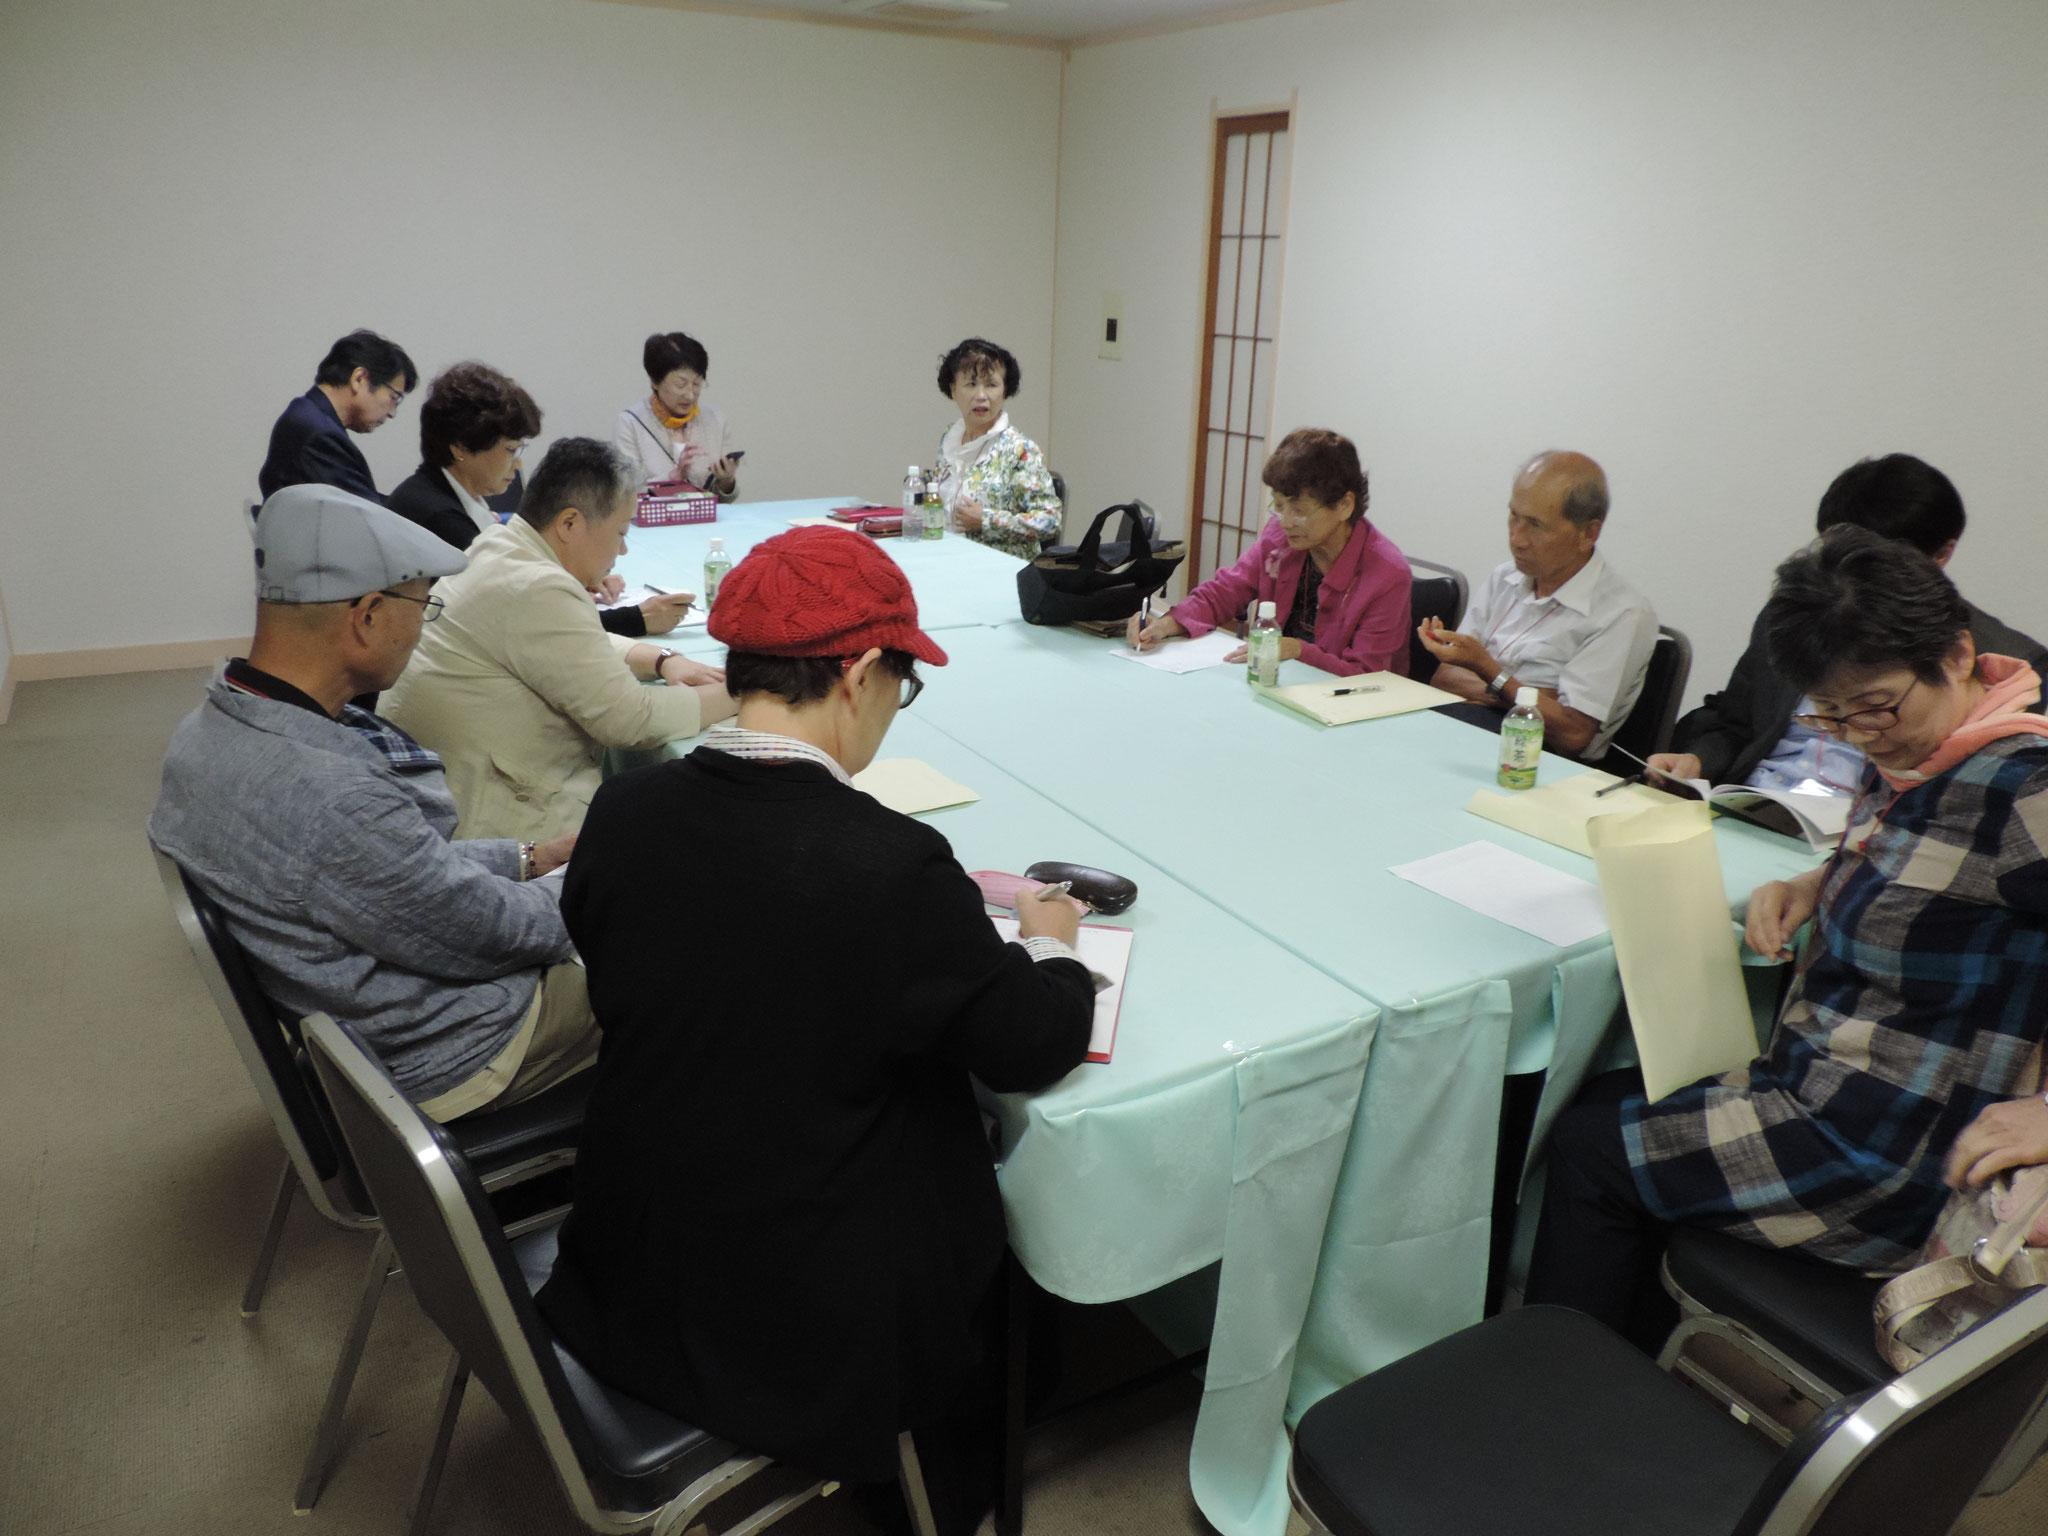 交流会前に各県の代表者会議を行いました。